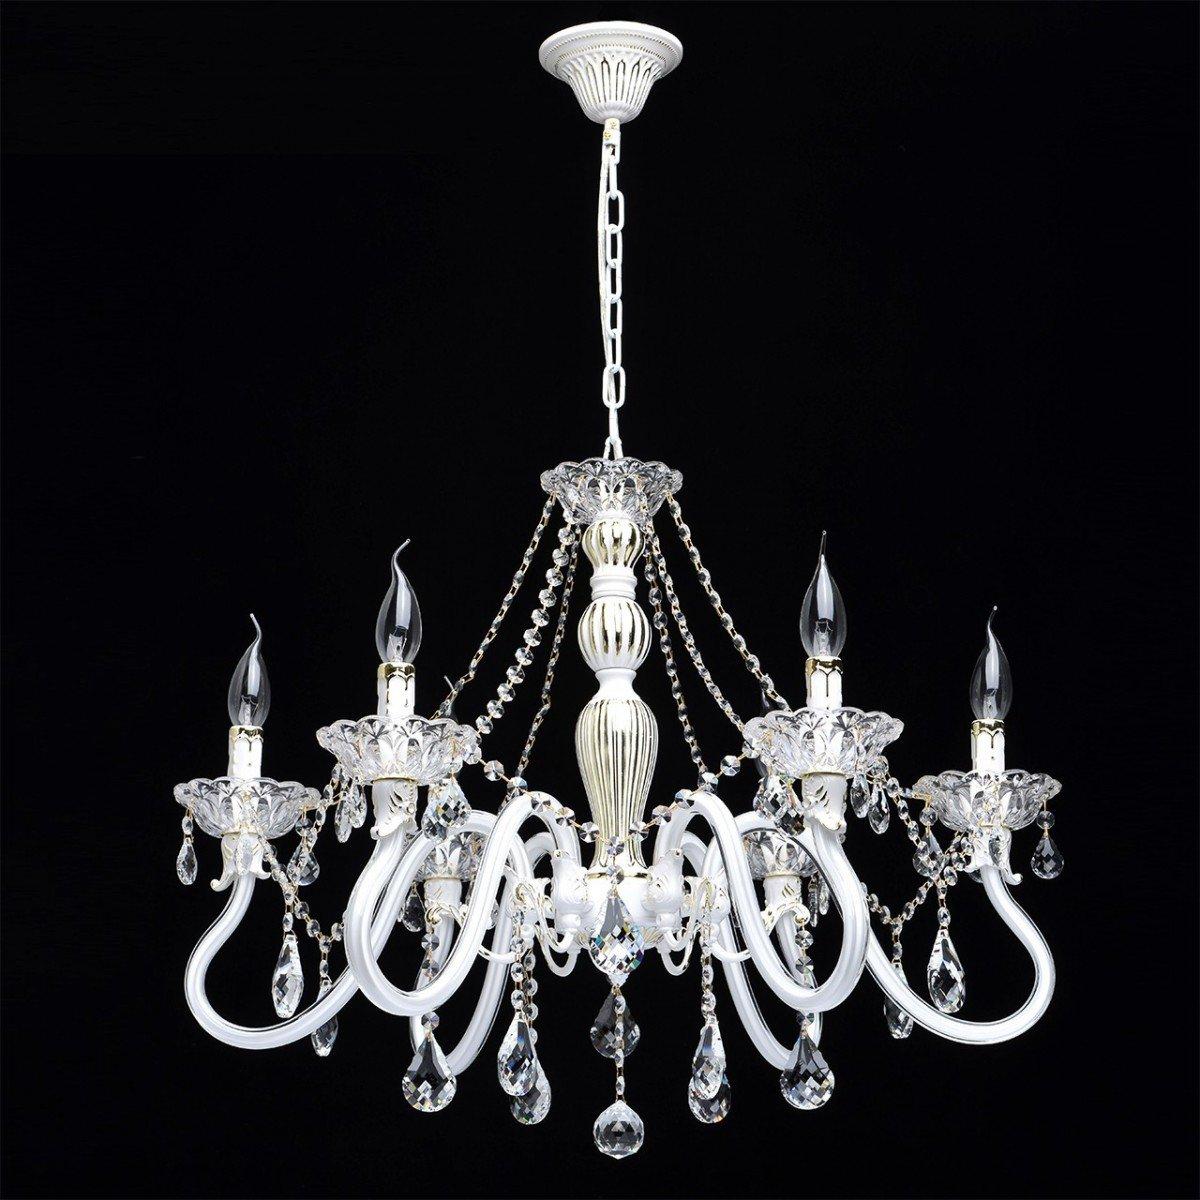 Deckenleuchte Kronleuchter Deckenlampe Leuchte Classic Style, 6-flammig, Ø 70 cm, Weiß mit Kristallen, 6 x E14 max. 60 W